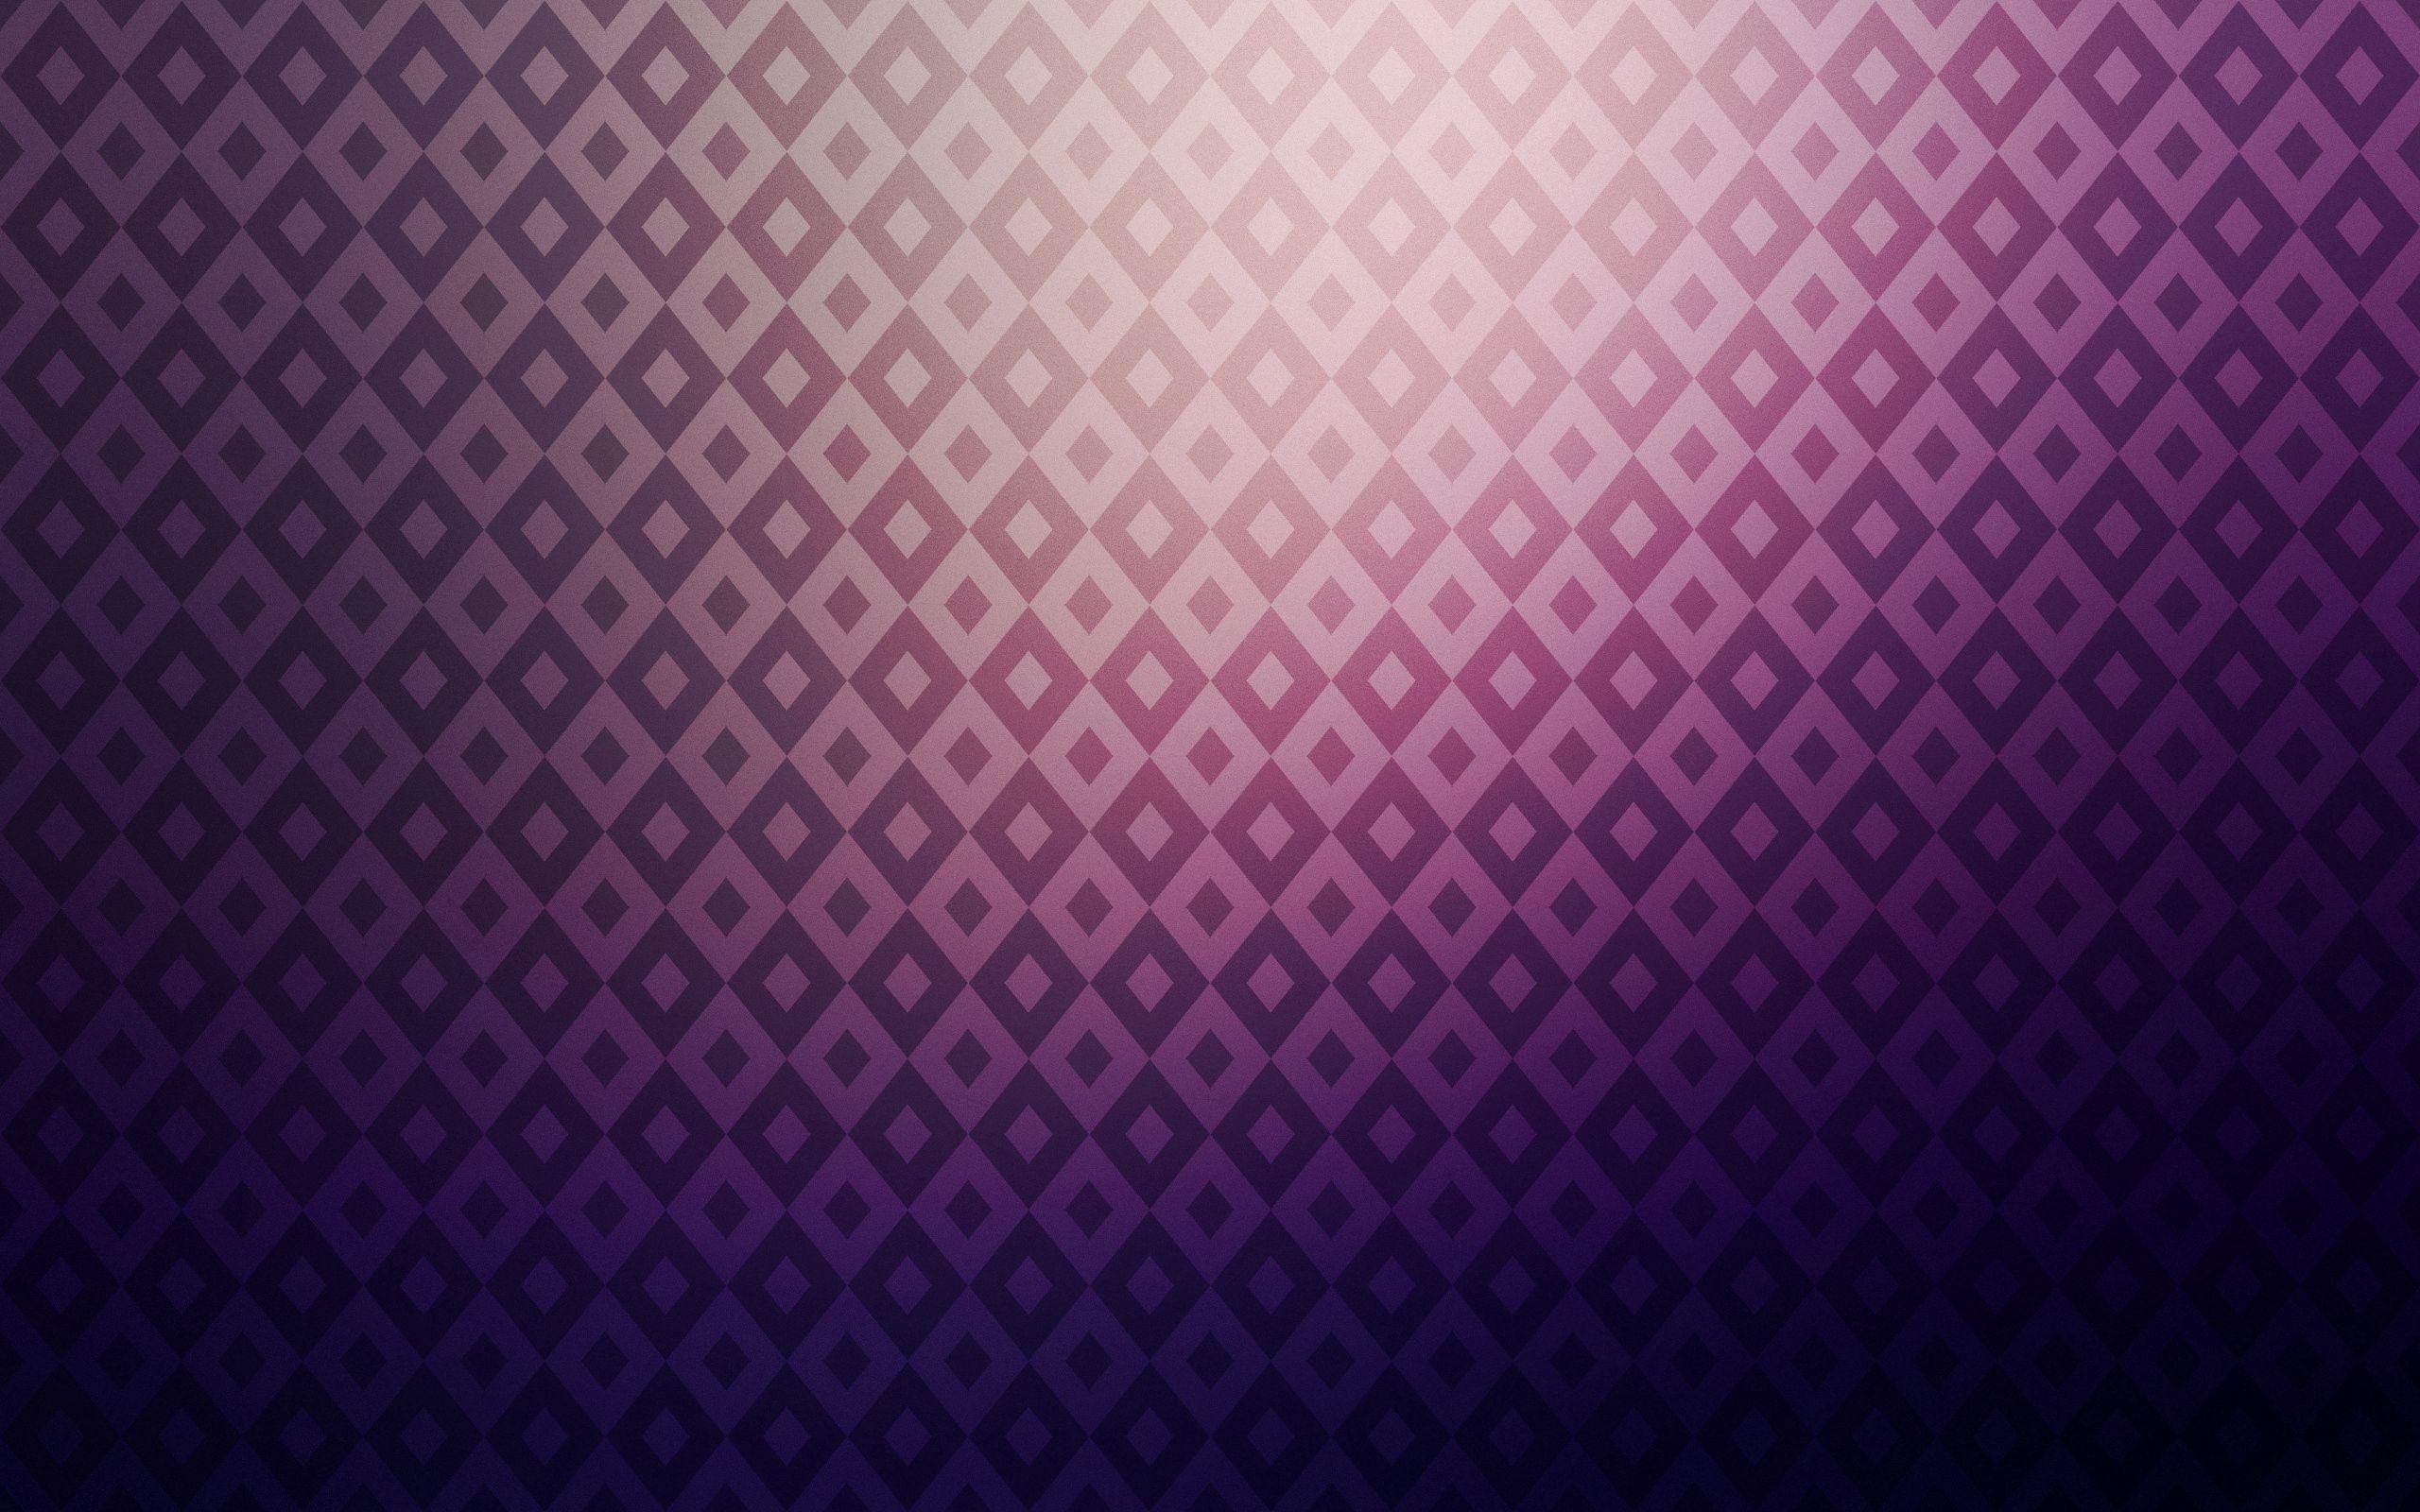 140369 скачать обои Текстуры, Фон, Тень, Свет, Яркий, Узоры - заставки и картинки бесплатно